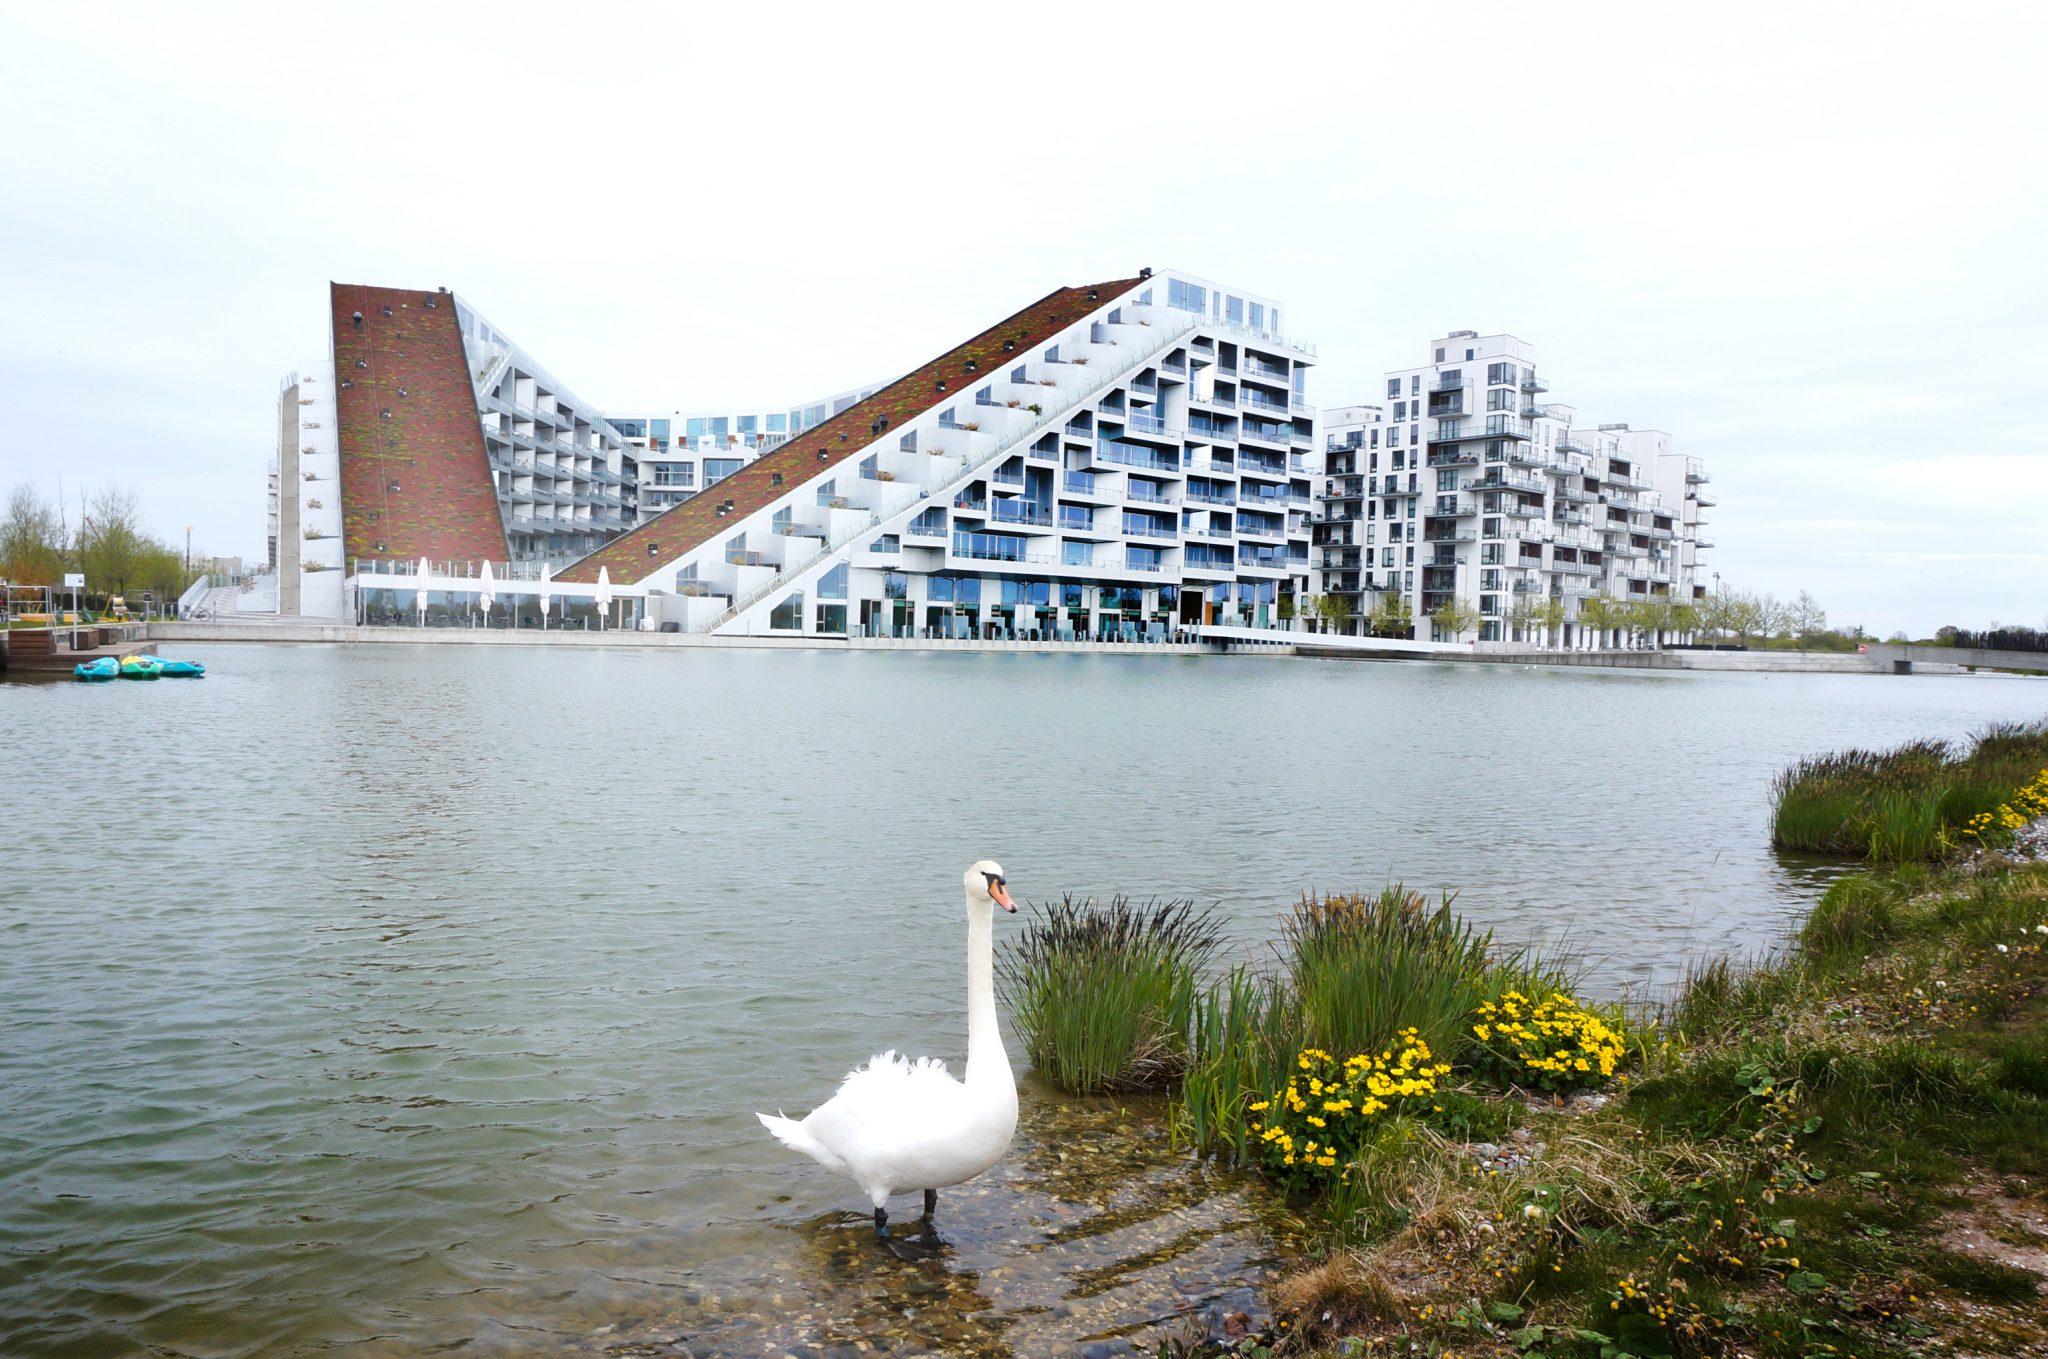 DSC04065 - Kopenhaga - Architour